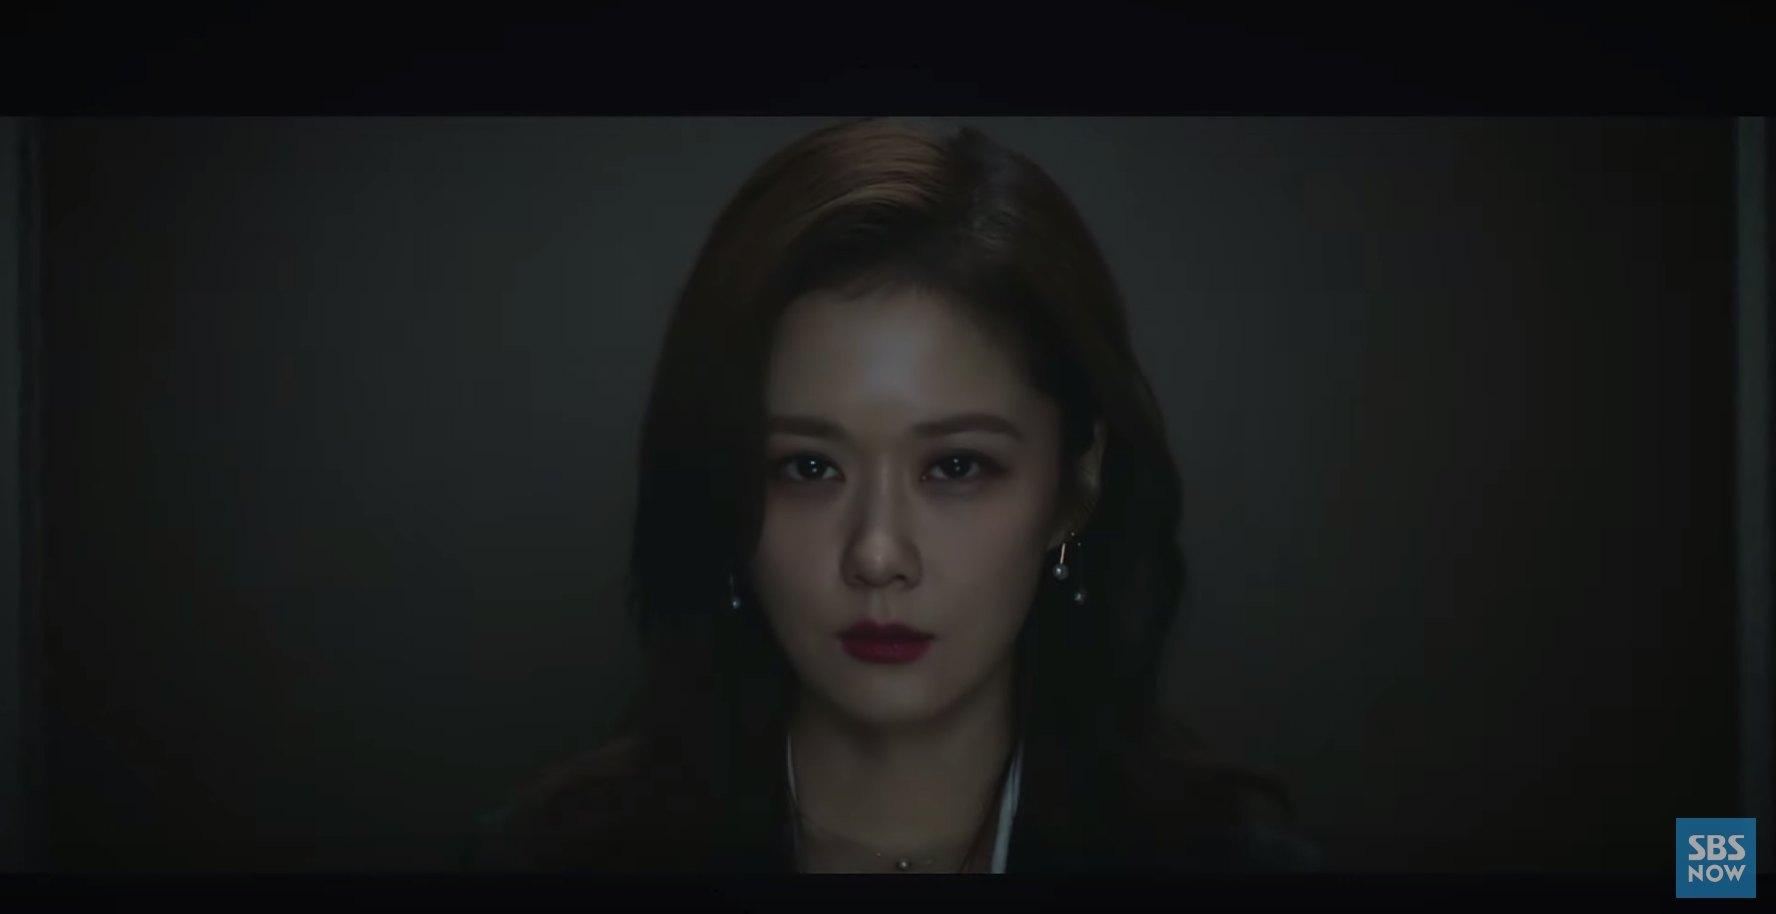 Promos for Jang Nara, Lee Sang-yoon in mystery office drama VIP